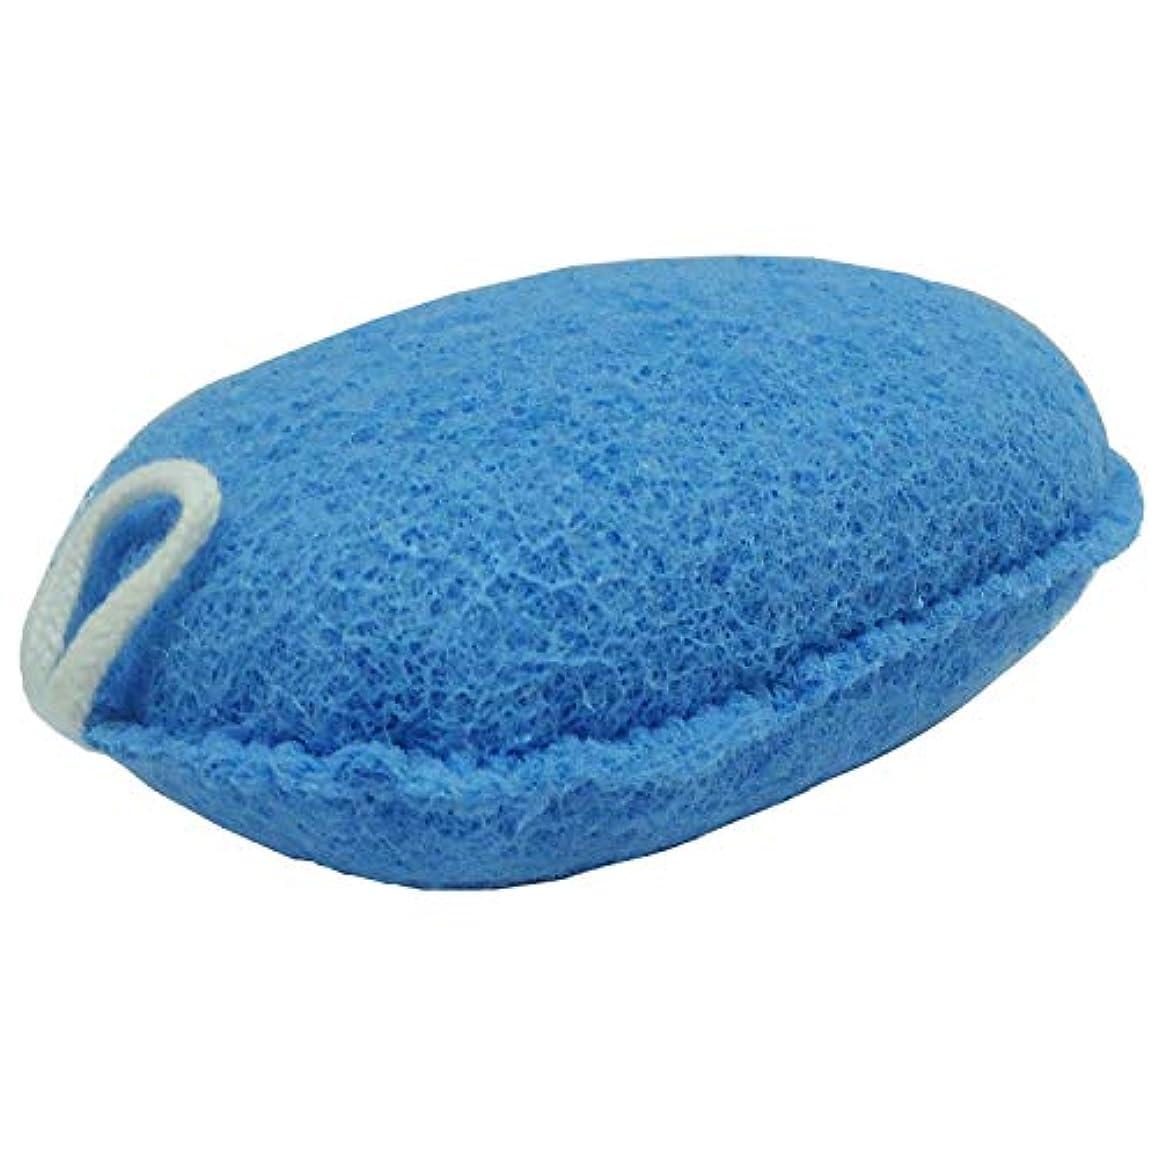 ピル敗北サイクルオーエ ボディスポンジ ブルー 約縦14.5×横9.5×奥行5cm nf ヘチマボール 体洗い 泡立て 日本製